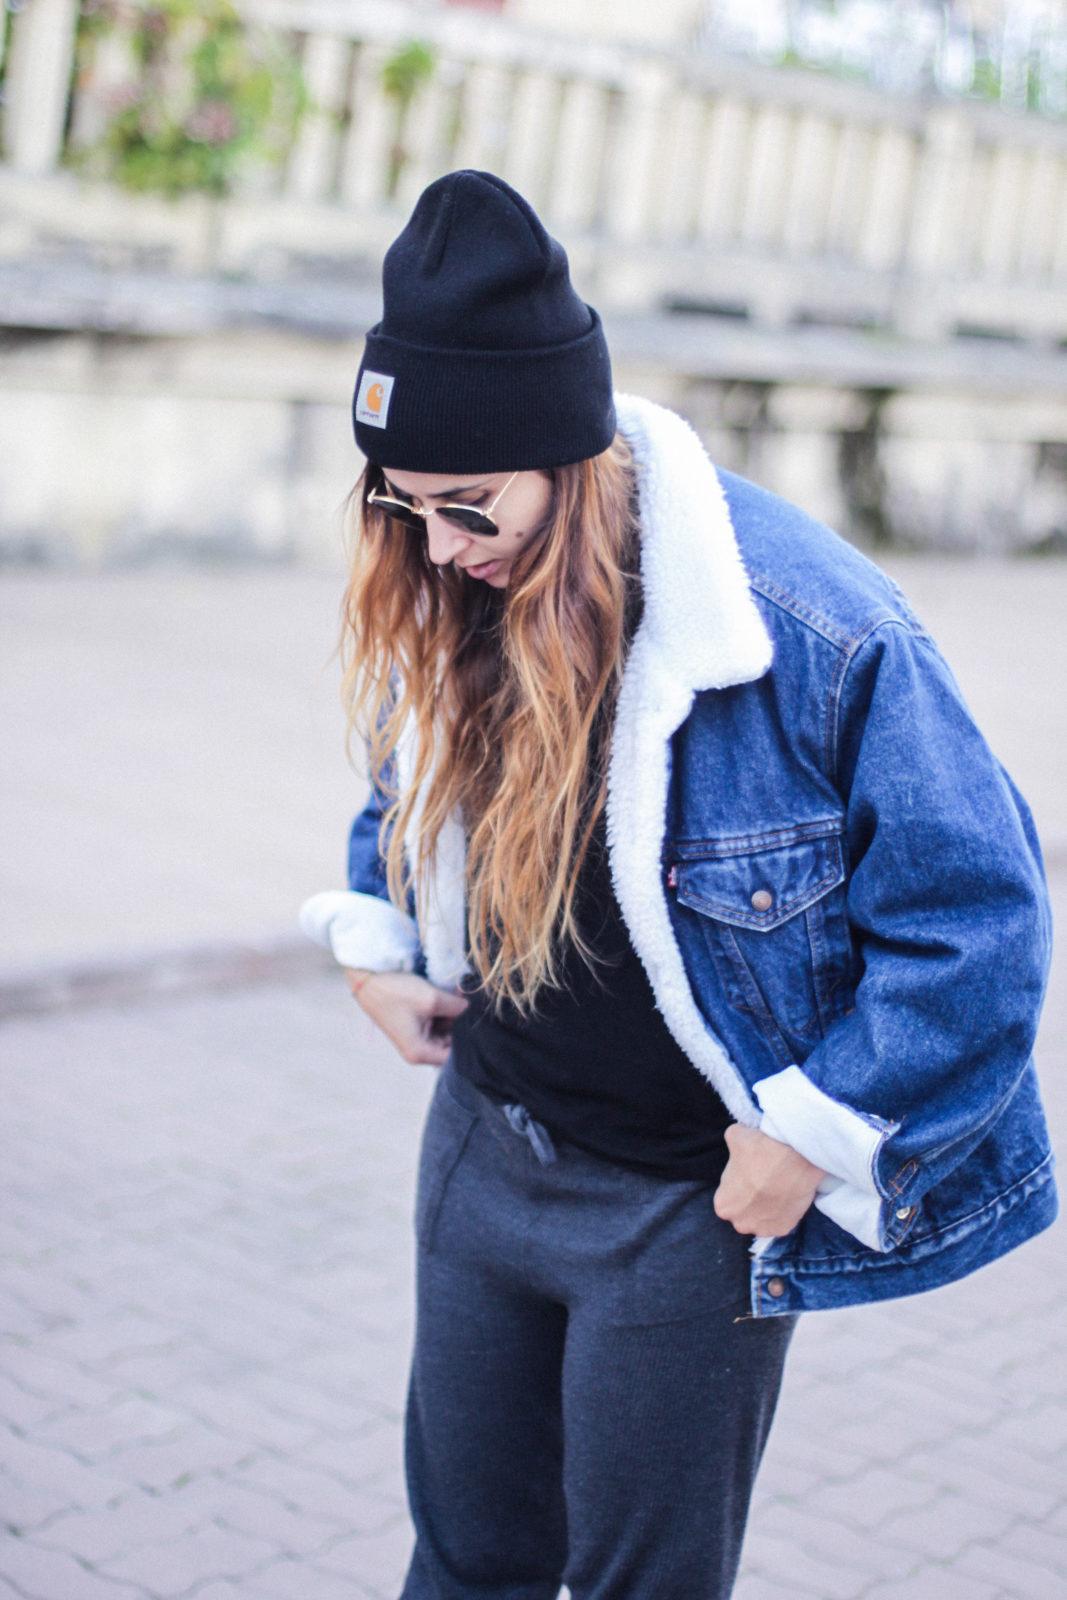 cazadora_vaquera_de_borreguillo_levis_vintage_golden_goose_gorrito_beanie_tendencias_2016_fall_trends_street_style_choker_donkeycool-29